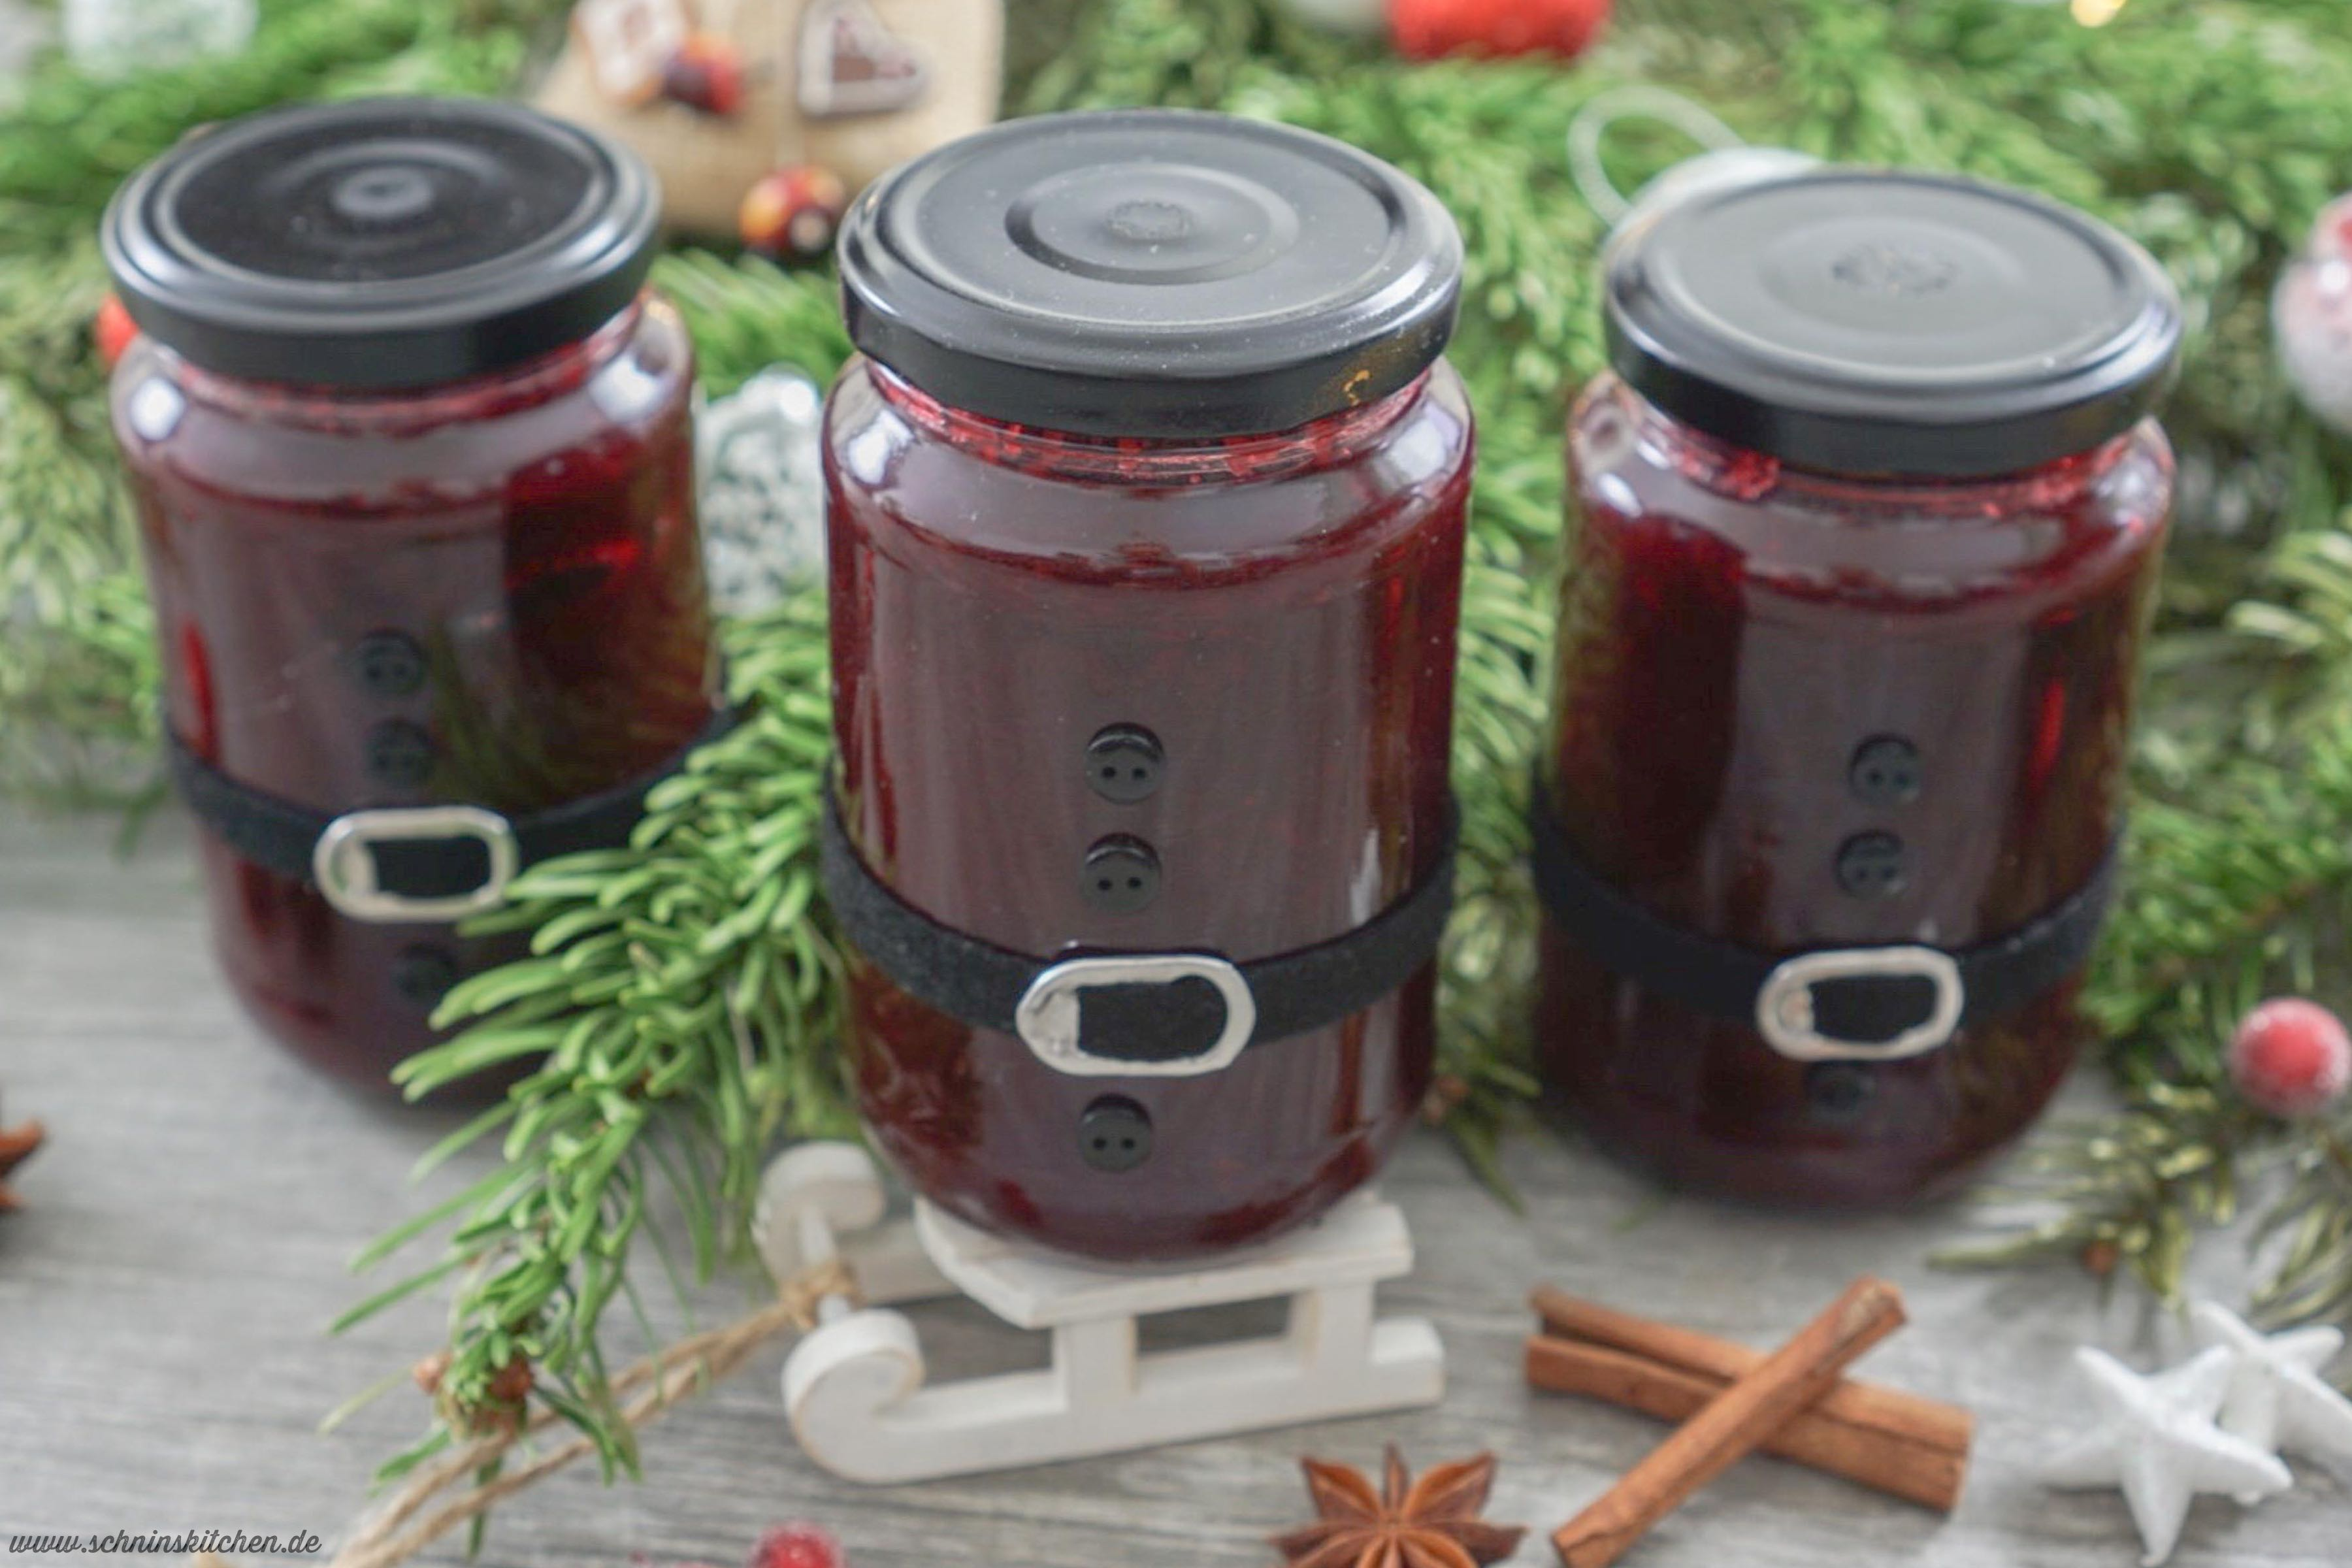 Leckere Weihnachtsmarmelade mit Kirschen und Cranberries im DIY Weihnachtsmannglas - ein tolles Rezept für leckeren Fruchtaufstrich | www.schninskitchen.de